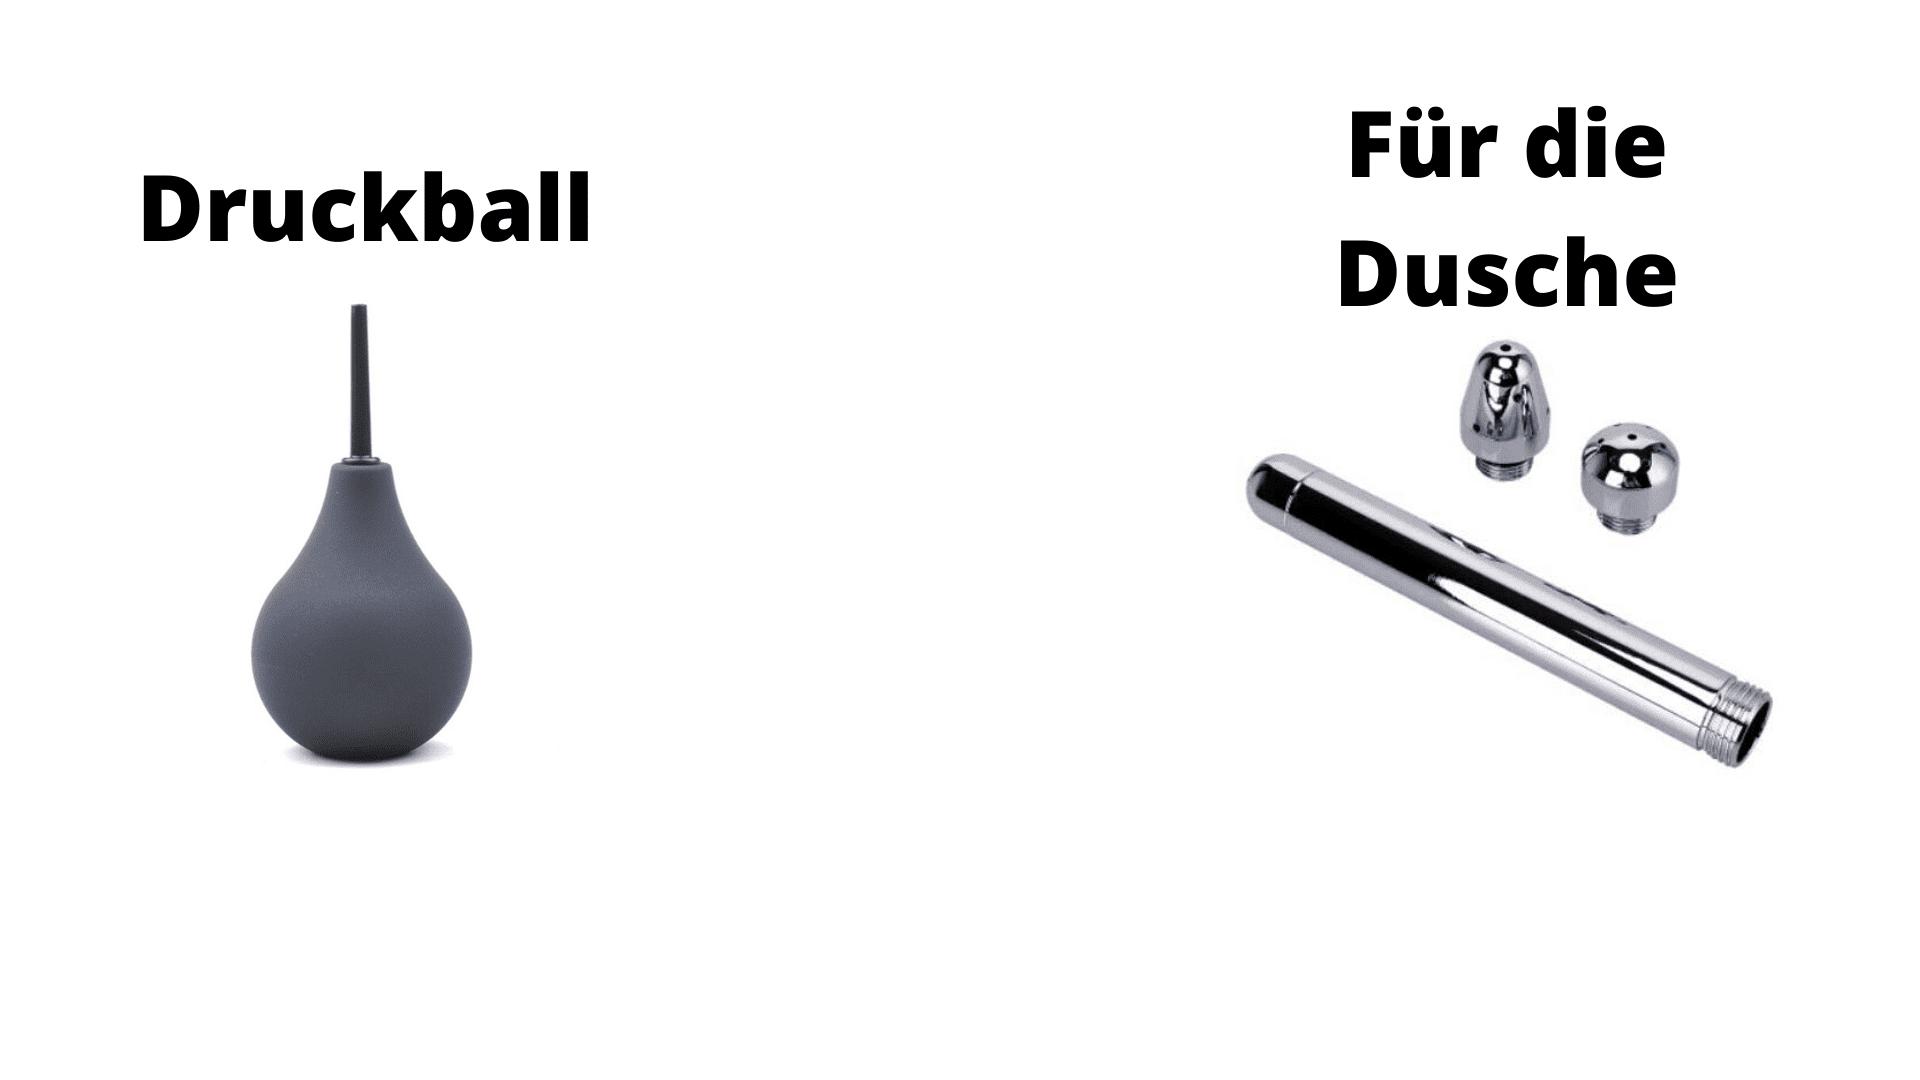 Analdusche Vergleich